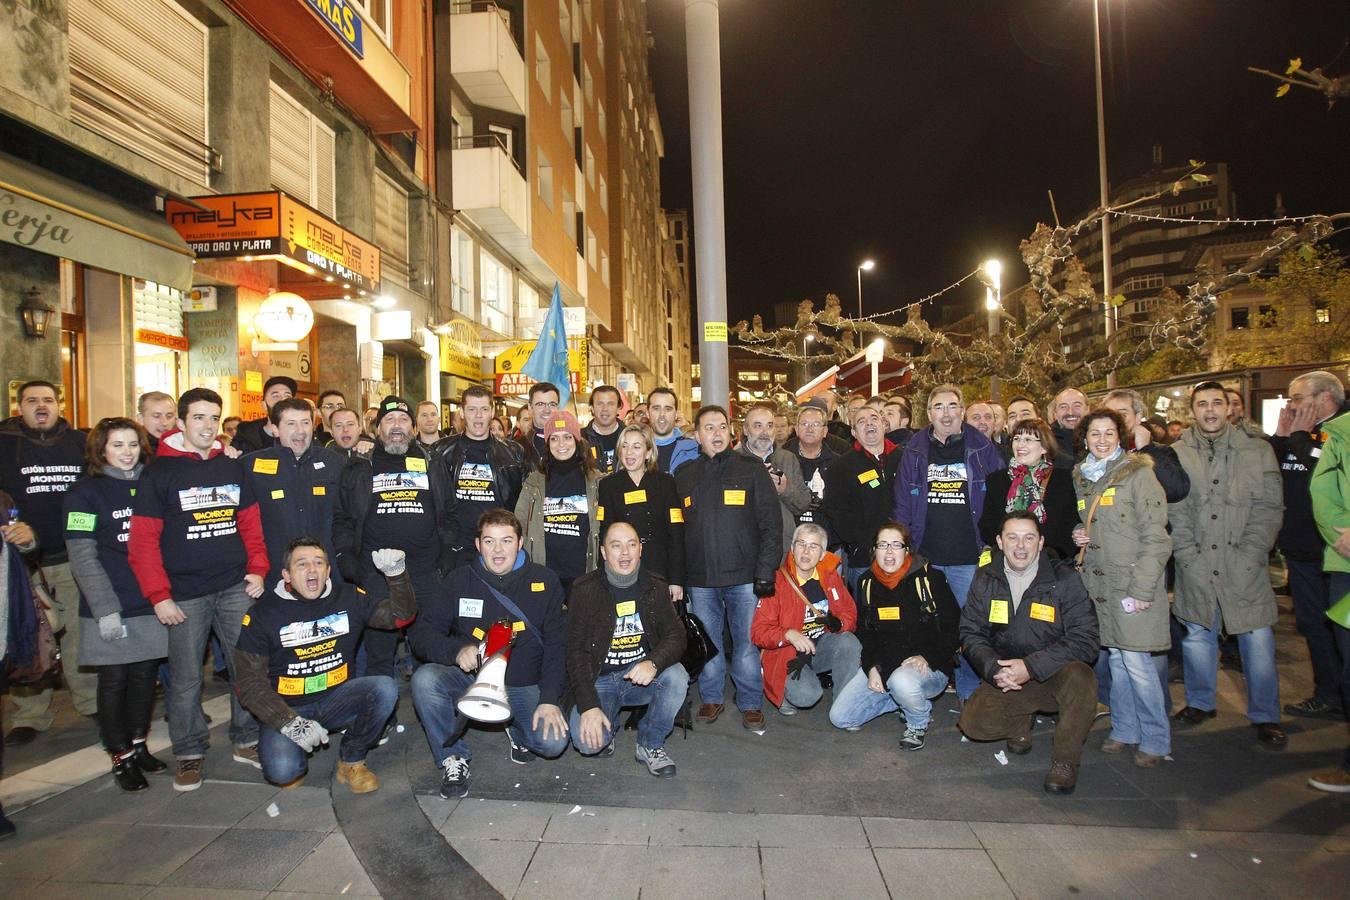 Unas quinientas personas se manifiestan contra el empleo precario en Gijón